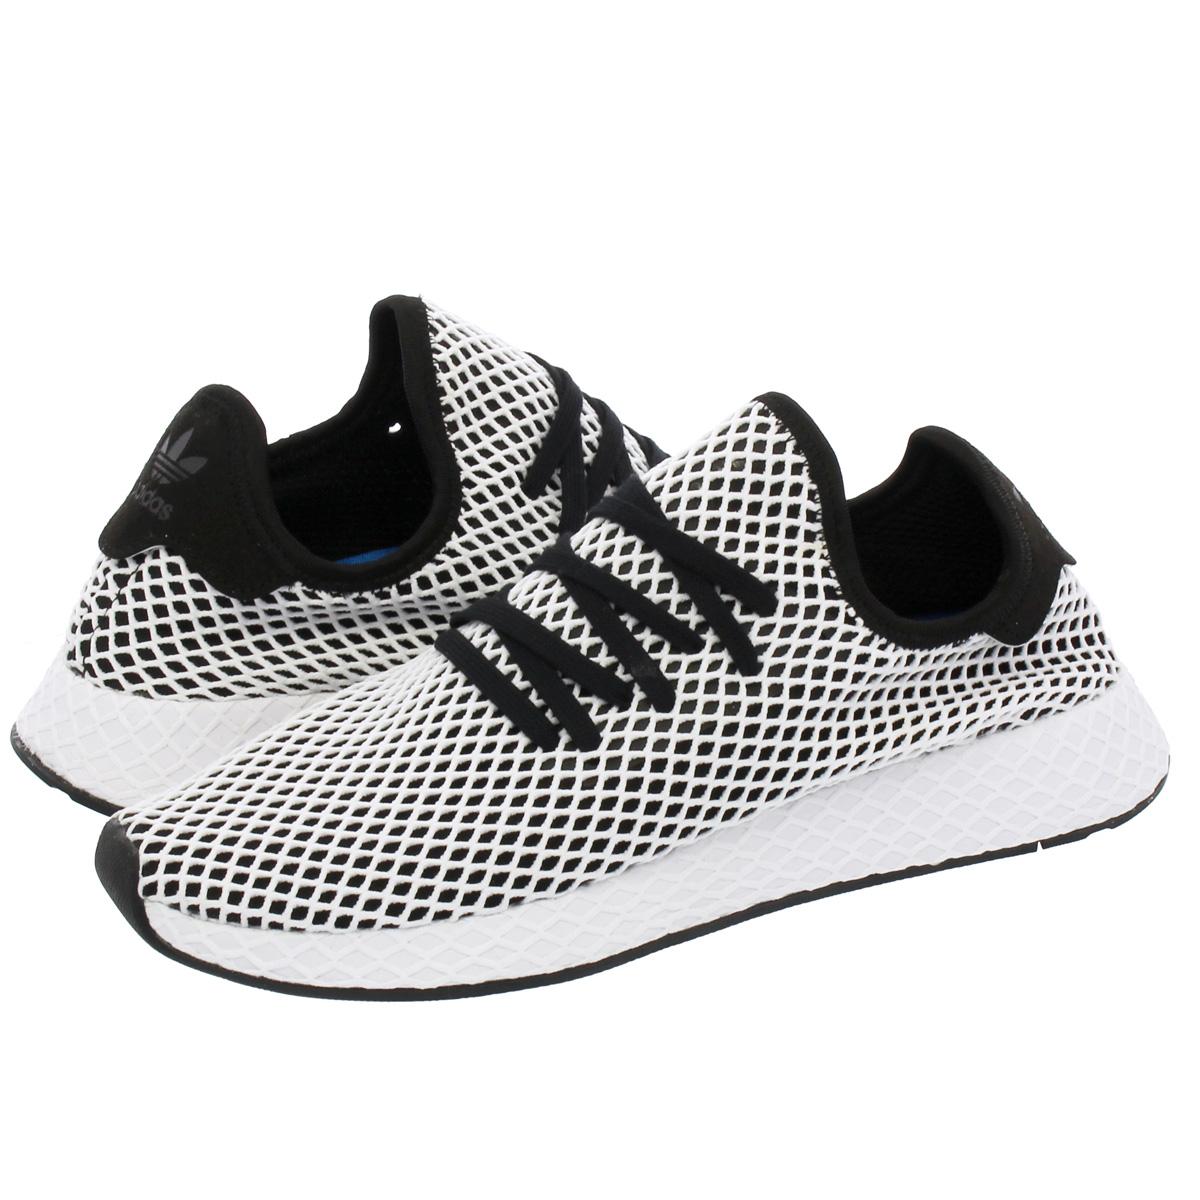 317135cf3 adidas DEERUPT RUNNER アディダスディーラプトランナー CORE BLACK CORE BLACK RUNNING WHITE